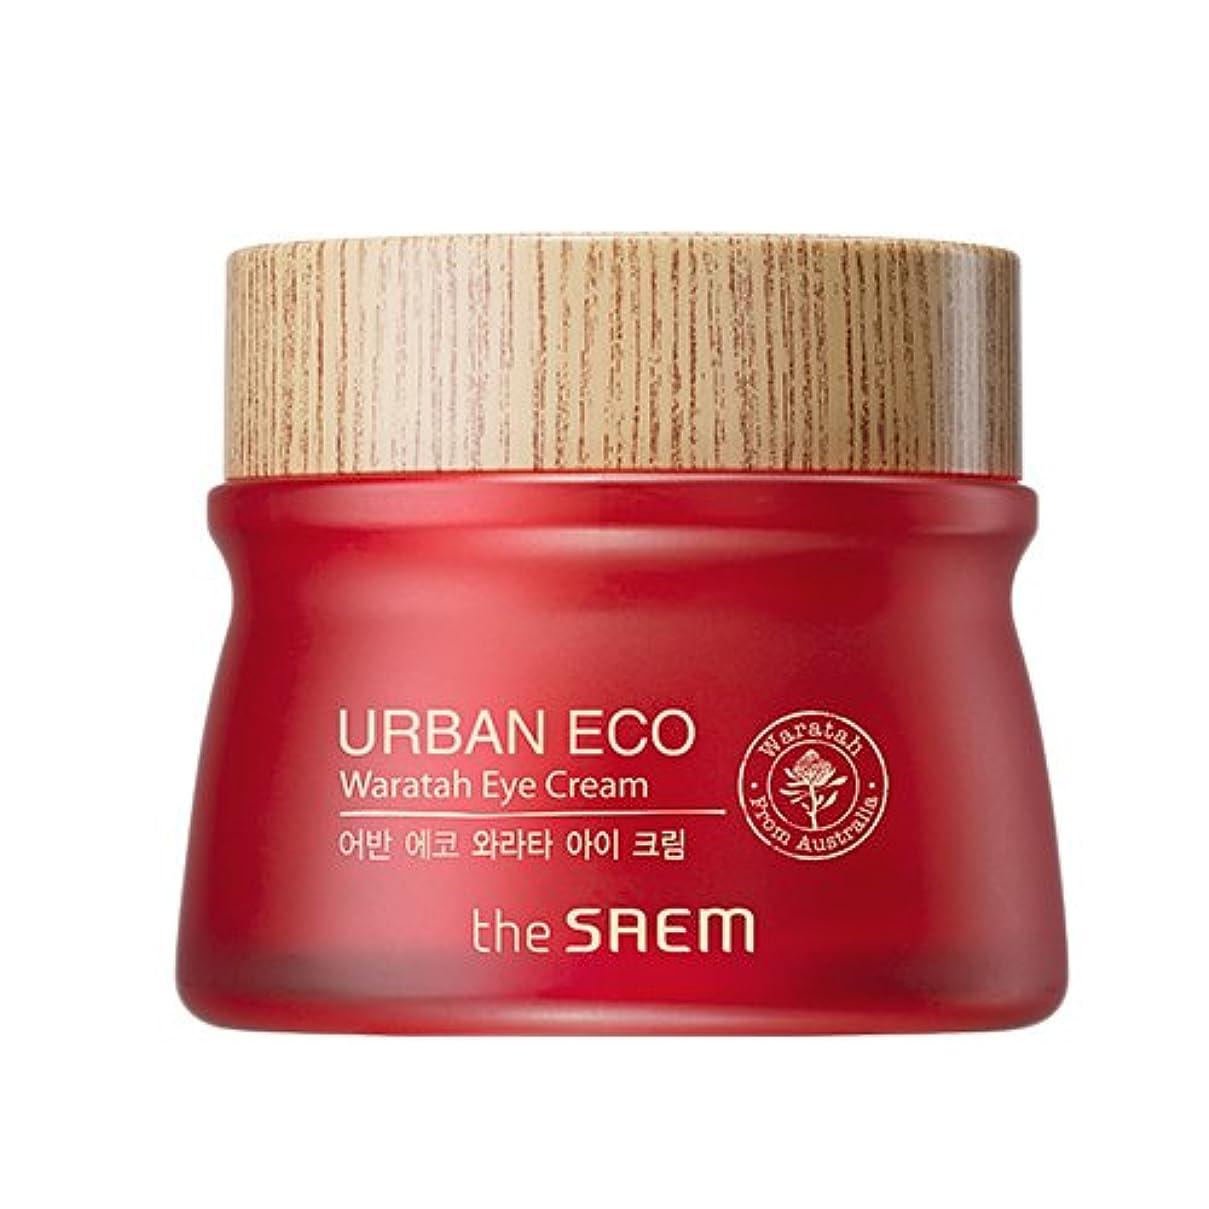 木製コンセンサス活発ドセム アーバンエコワラターアイクリーム 30ml Urban Eco Waratah Eye Cream [並行輸入品]